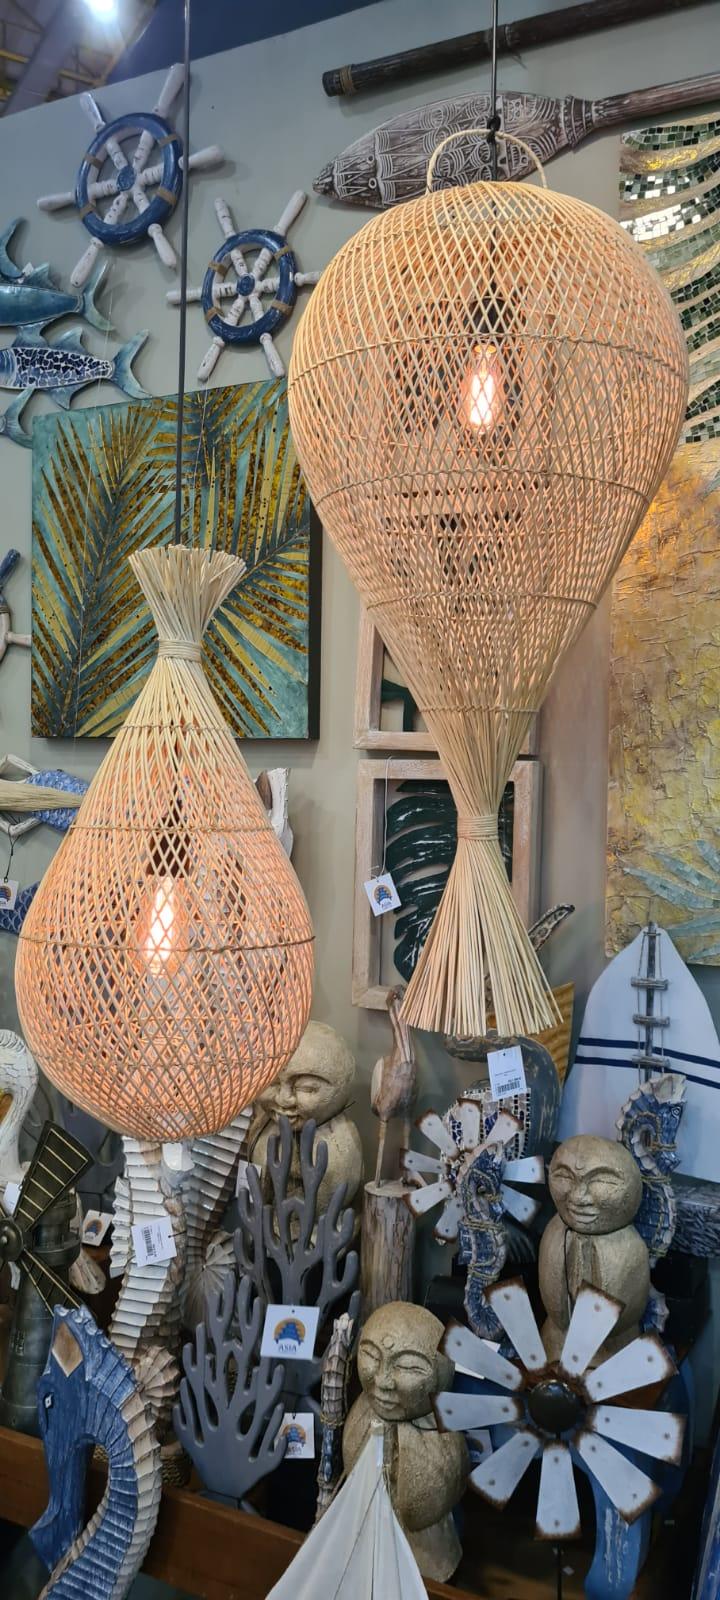 Luminárias que lembram armadilhas de pesca tradicionais feitas de palha pela Empresa Ásia Conection.